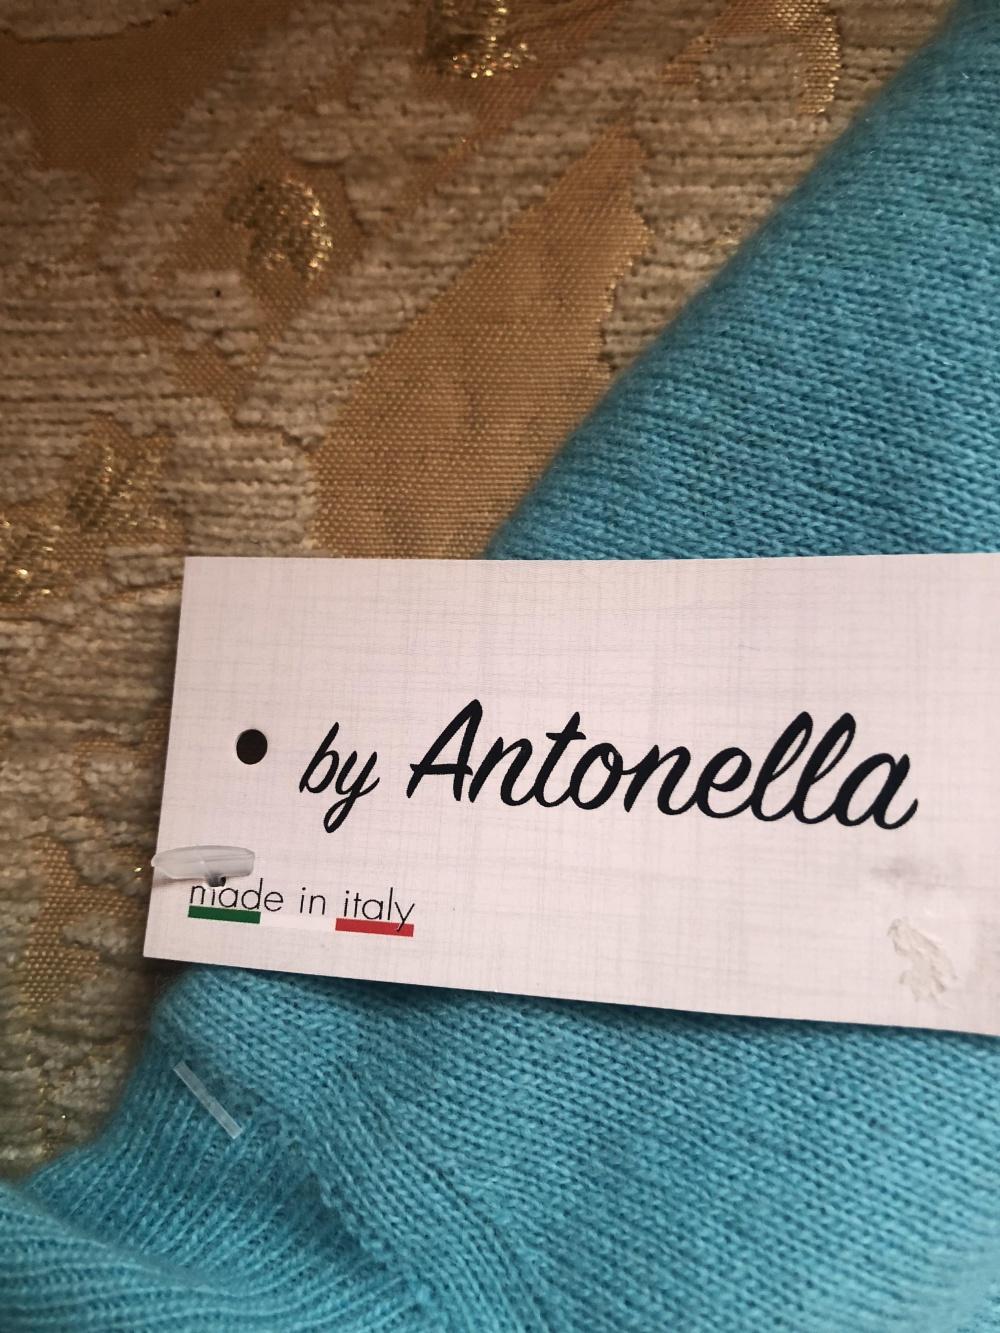 Свитер Antonella, размер M/L